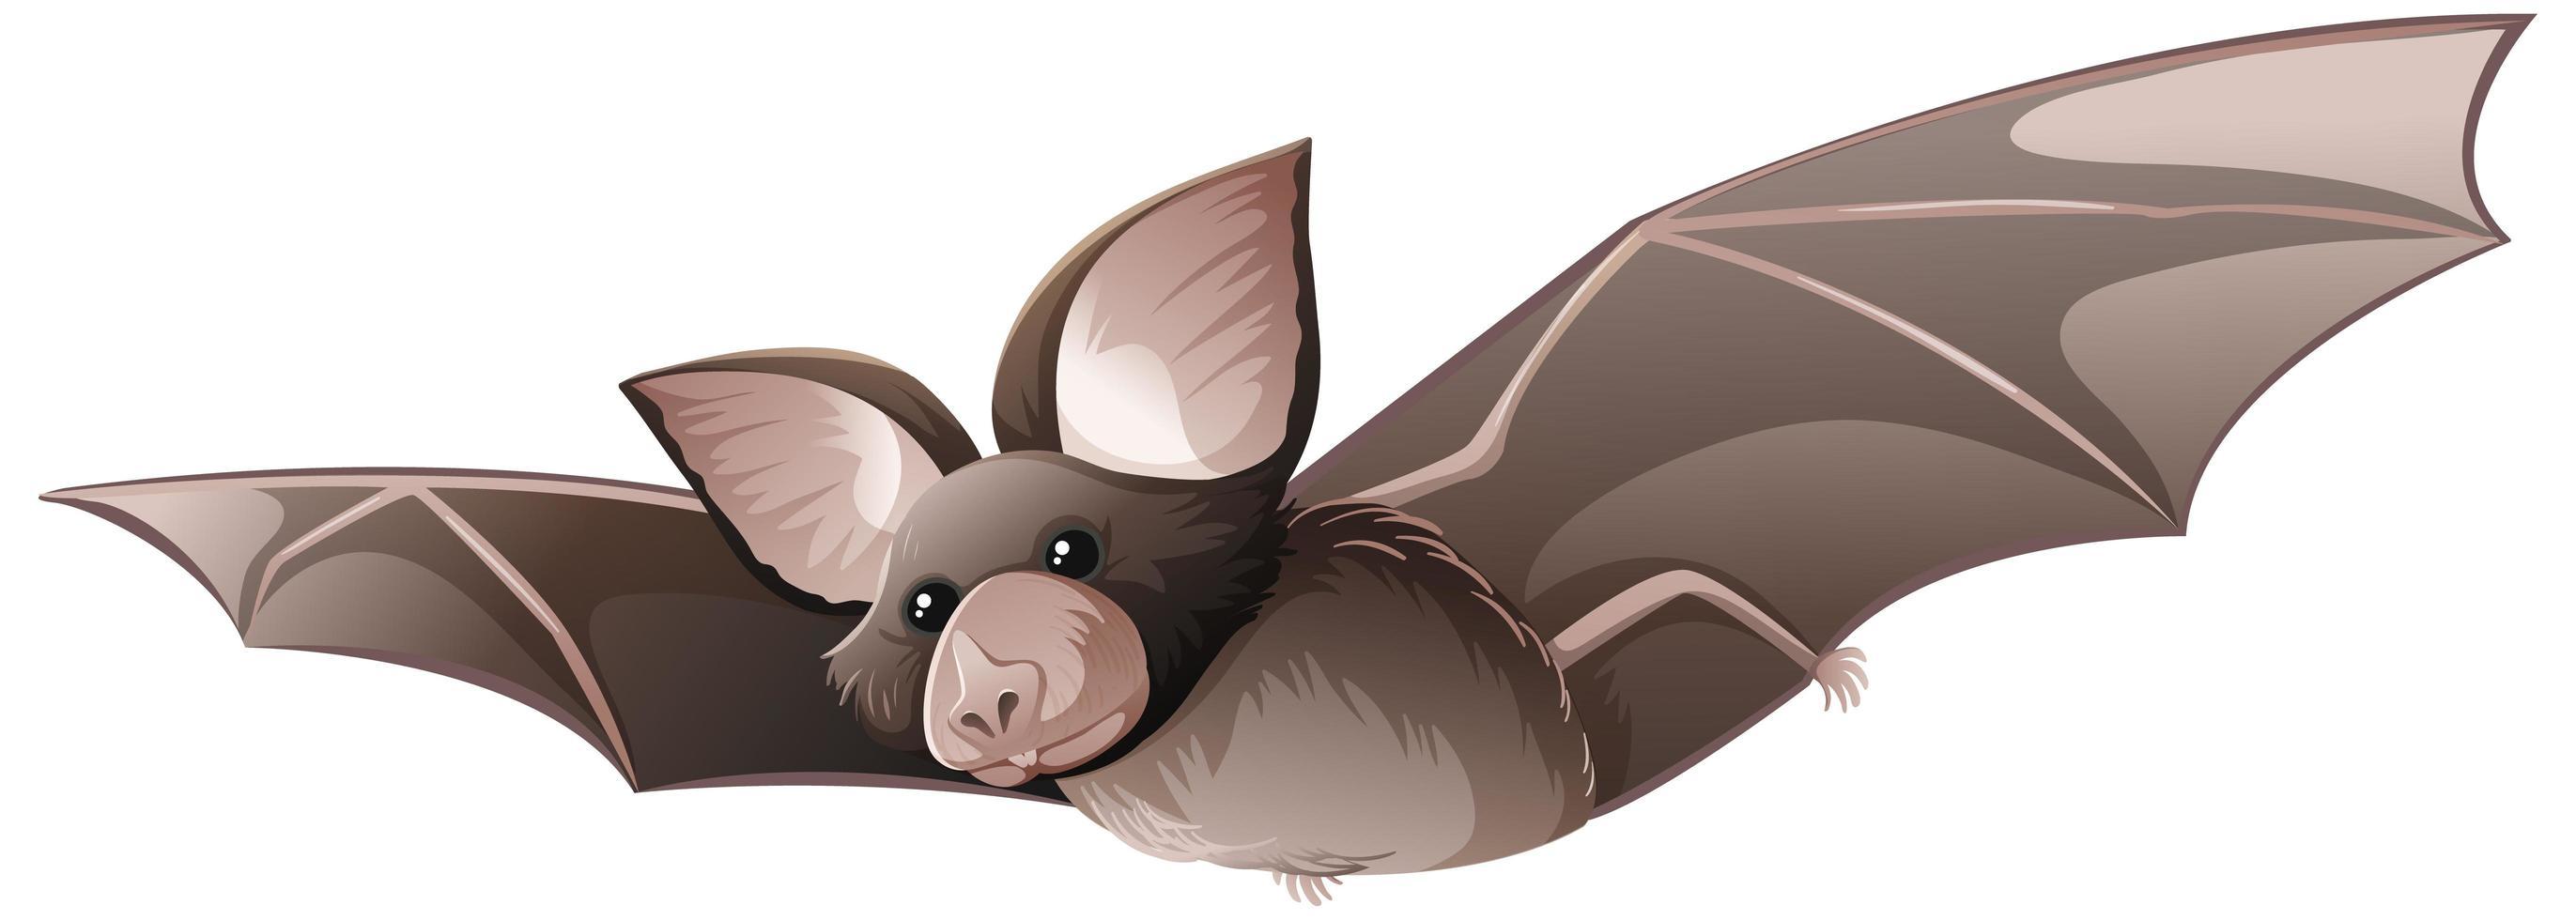 pipistrello dal naso a foglia della California isolato su sfondo bianco vettore